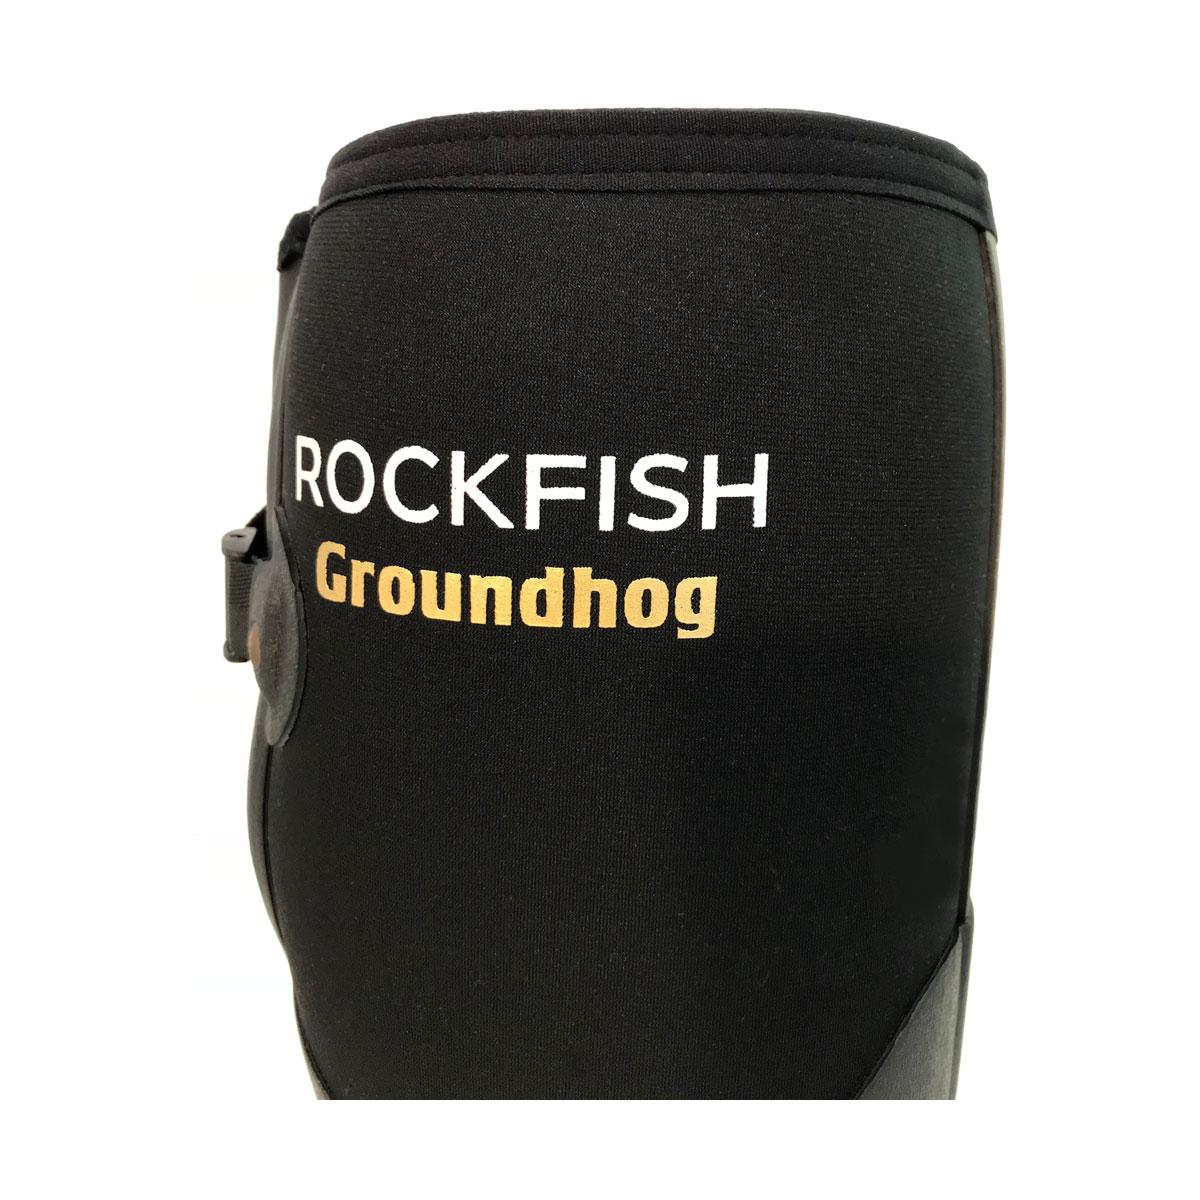 Uk 9 Black Rockfish Neoprene Lined Groundhog Wellington Boots